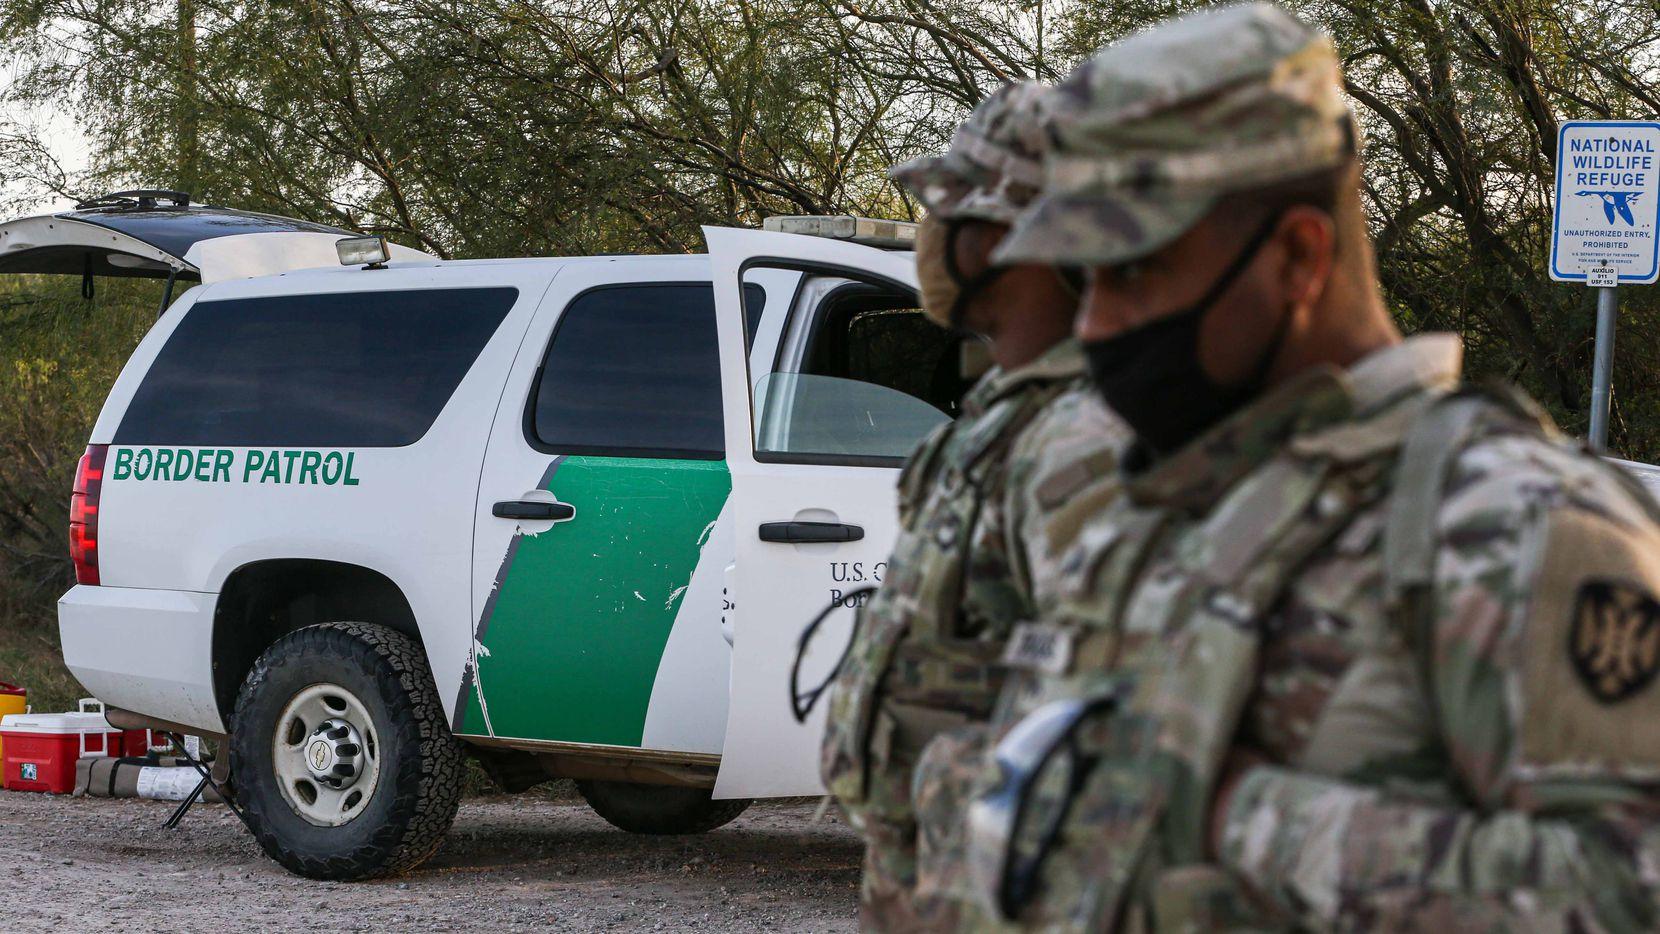 El lunes, la Patrulla Fronteriza encontró a unas 4,700 personas que cruzaron ilegalmente la frontera desde México, incluyendo a 1,575 en Rio Grande Valley, en Texas, la zona de mayor actividad de cruces ilegales, indicó el funcionario.